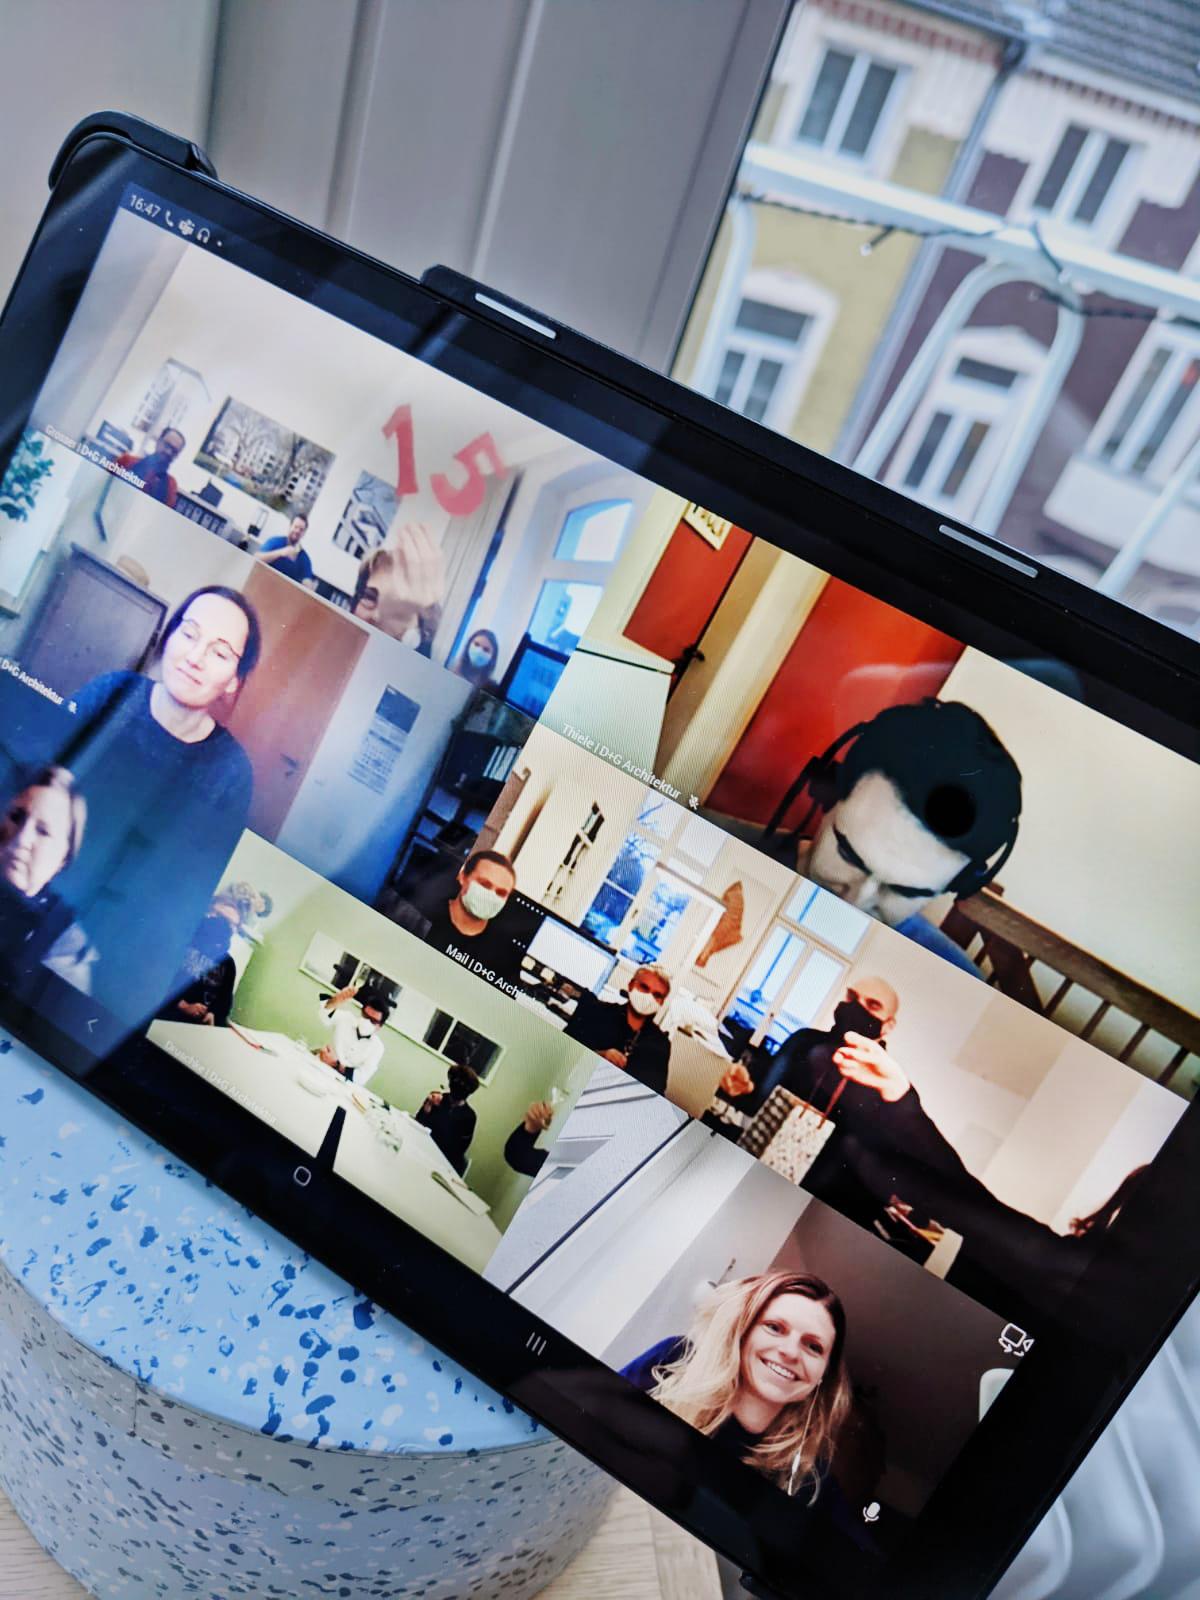 Erste digitale Bürobesprechung + Jubiläum zu 15-jähriger Mitarbeit